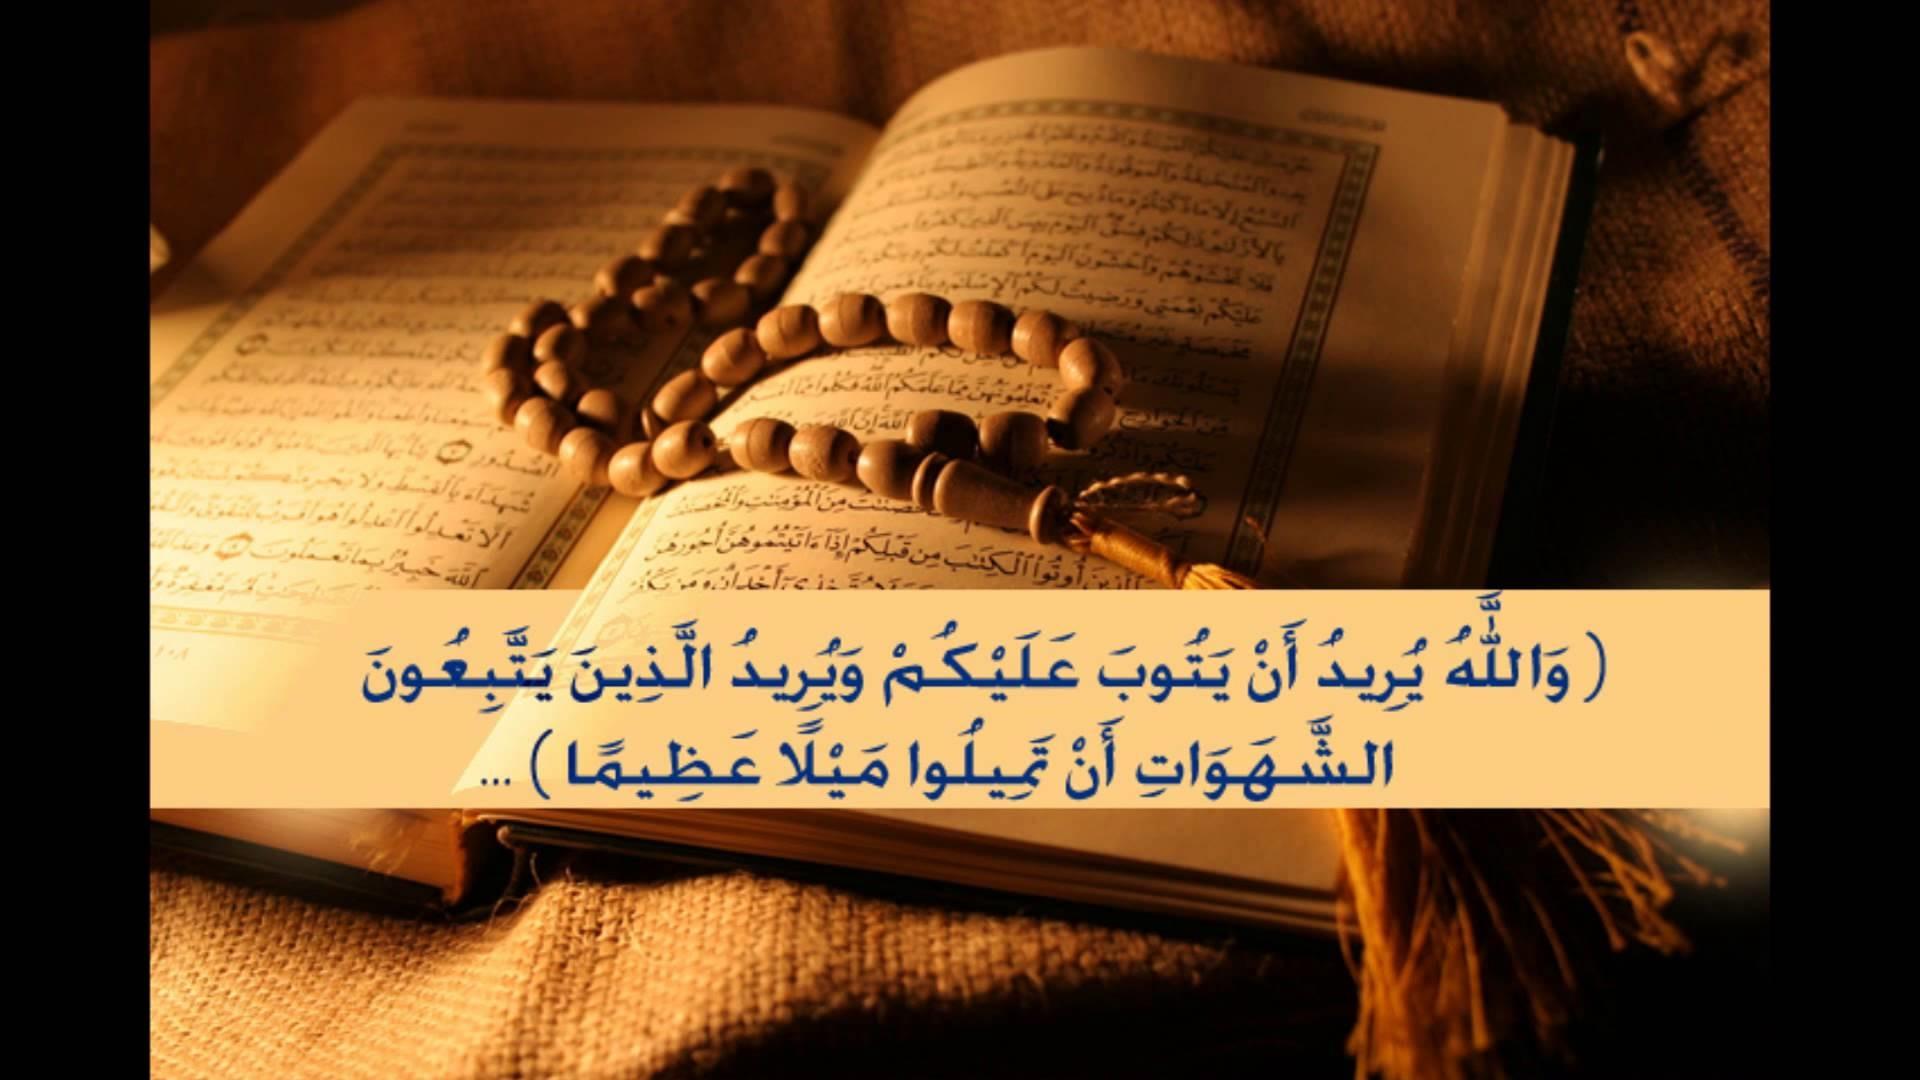 بالصور صور اسلامية , صور وخلفيات اسلامية روعة 4694 3